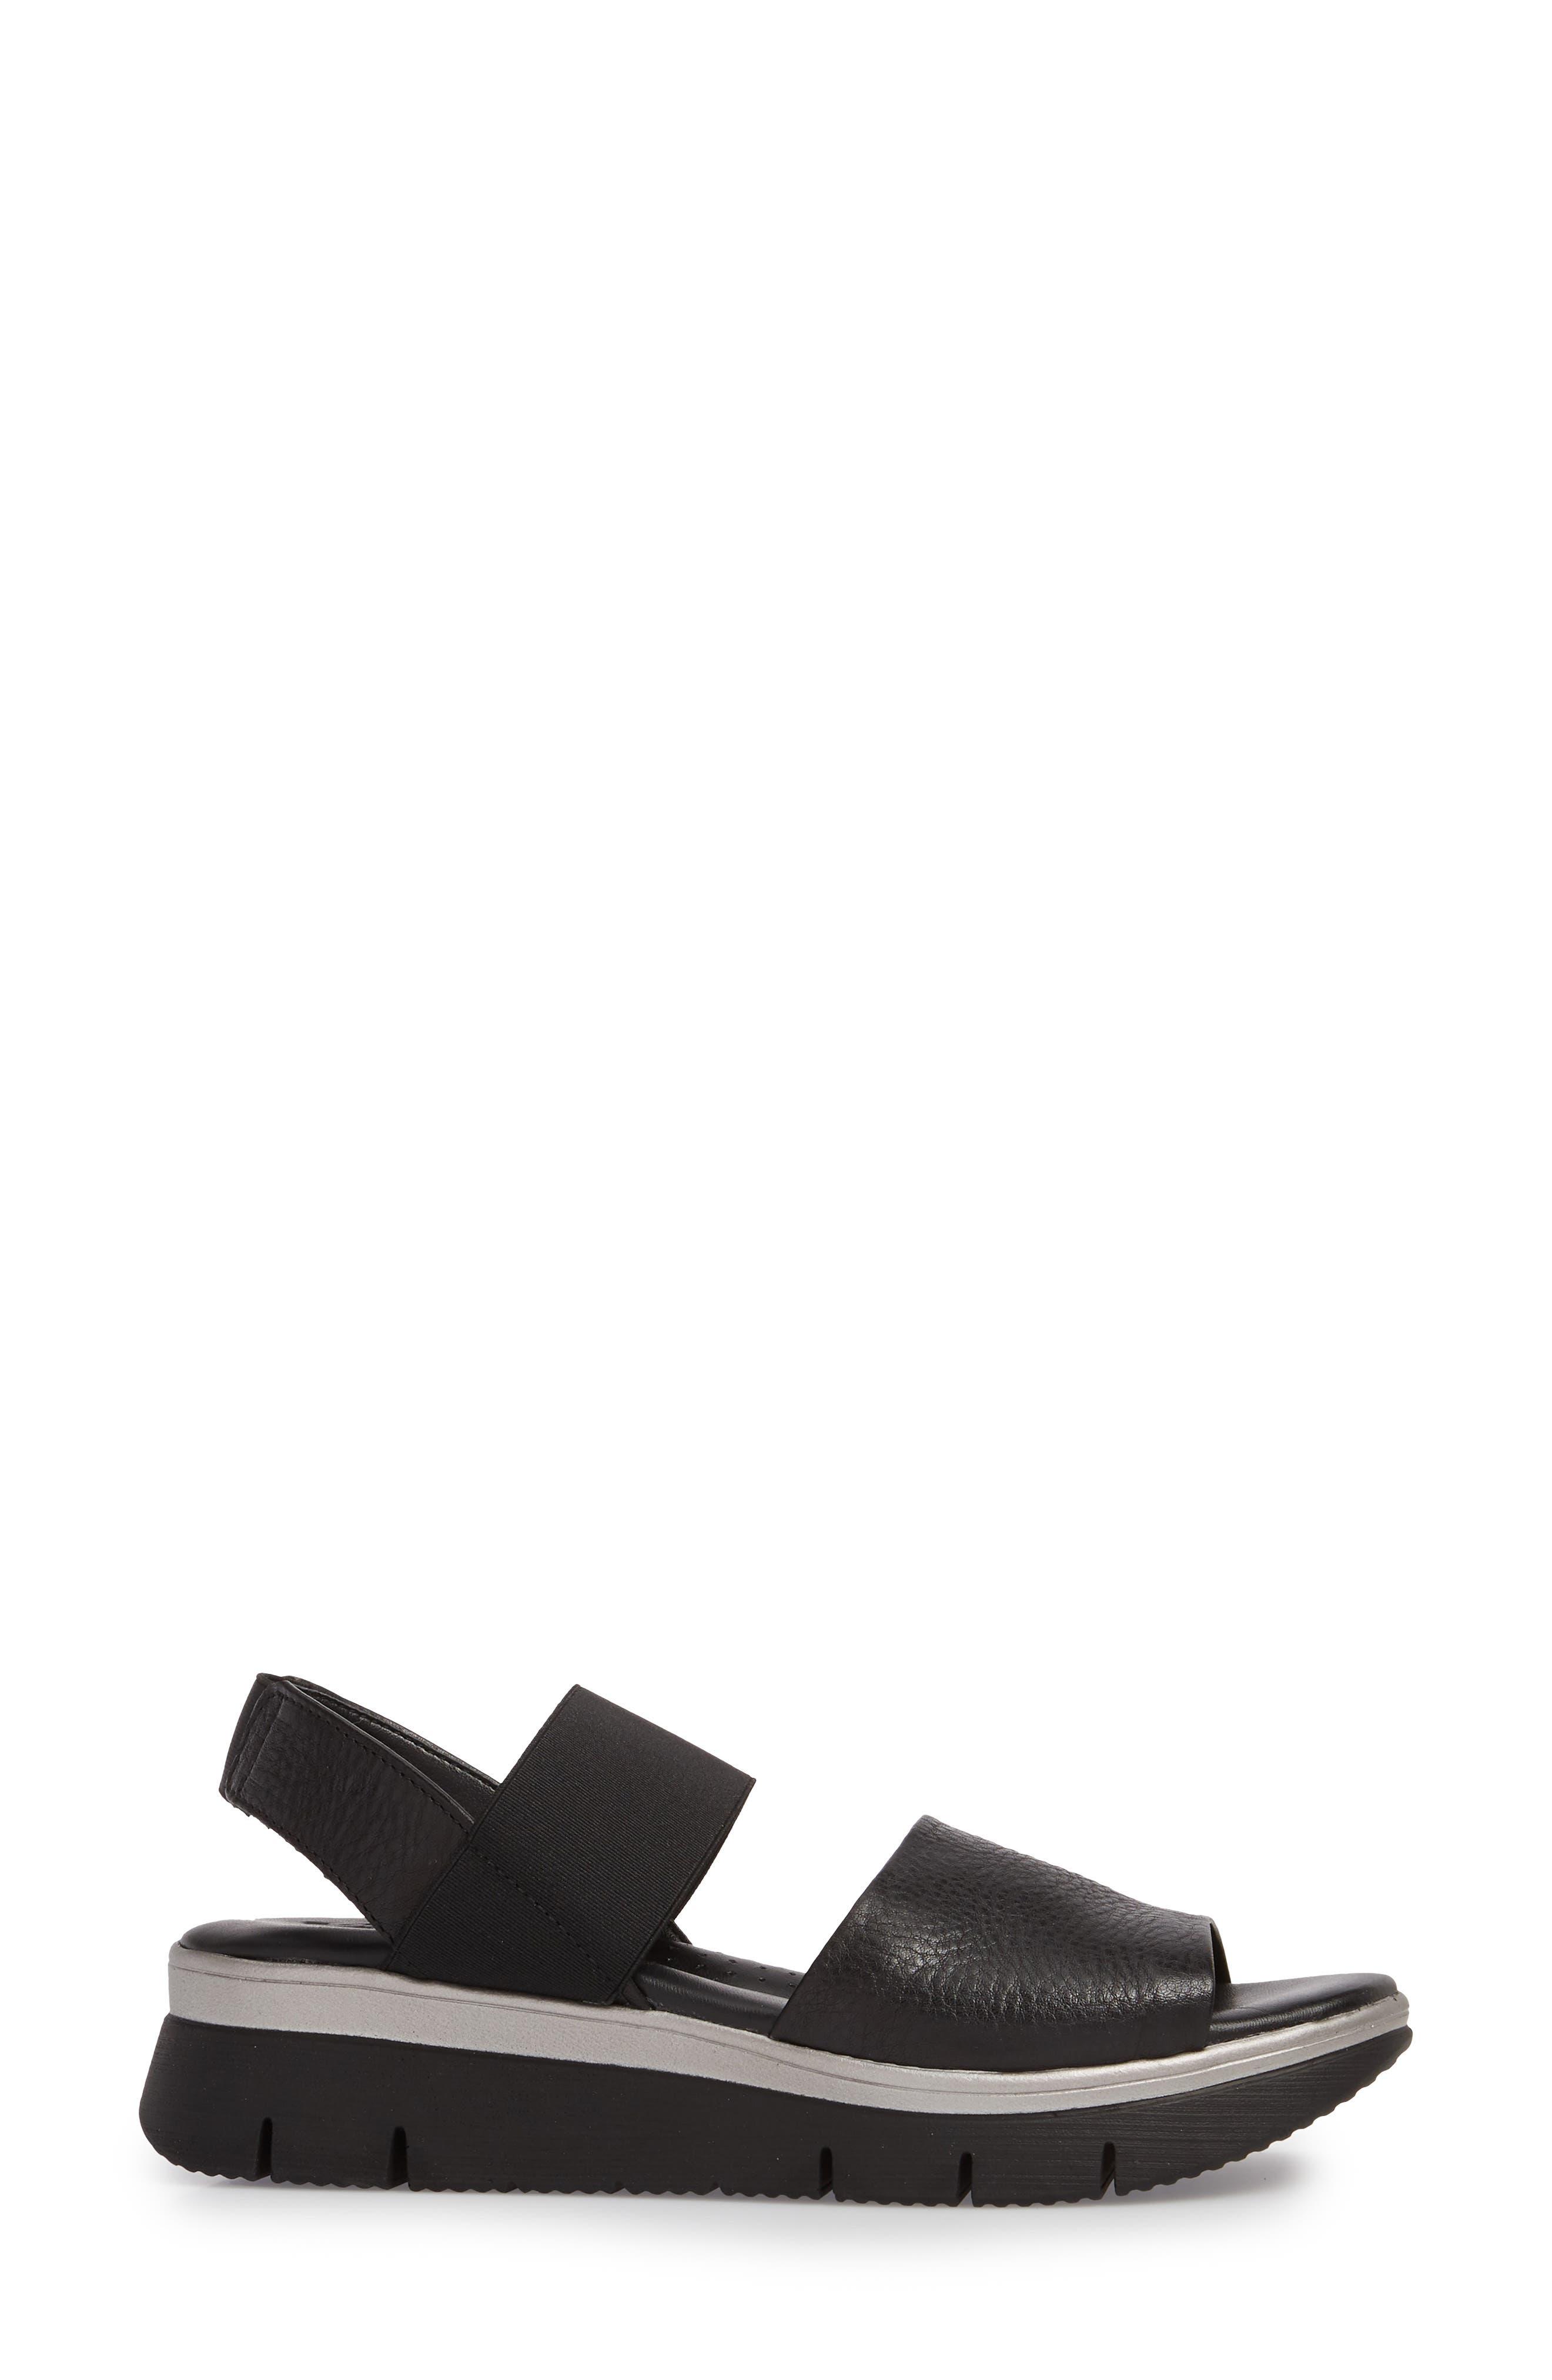 Cushy Sandal,                             Alternate thumbnail 3, color,                             BLACK LEATHER